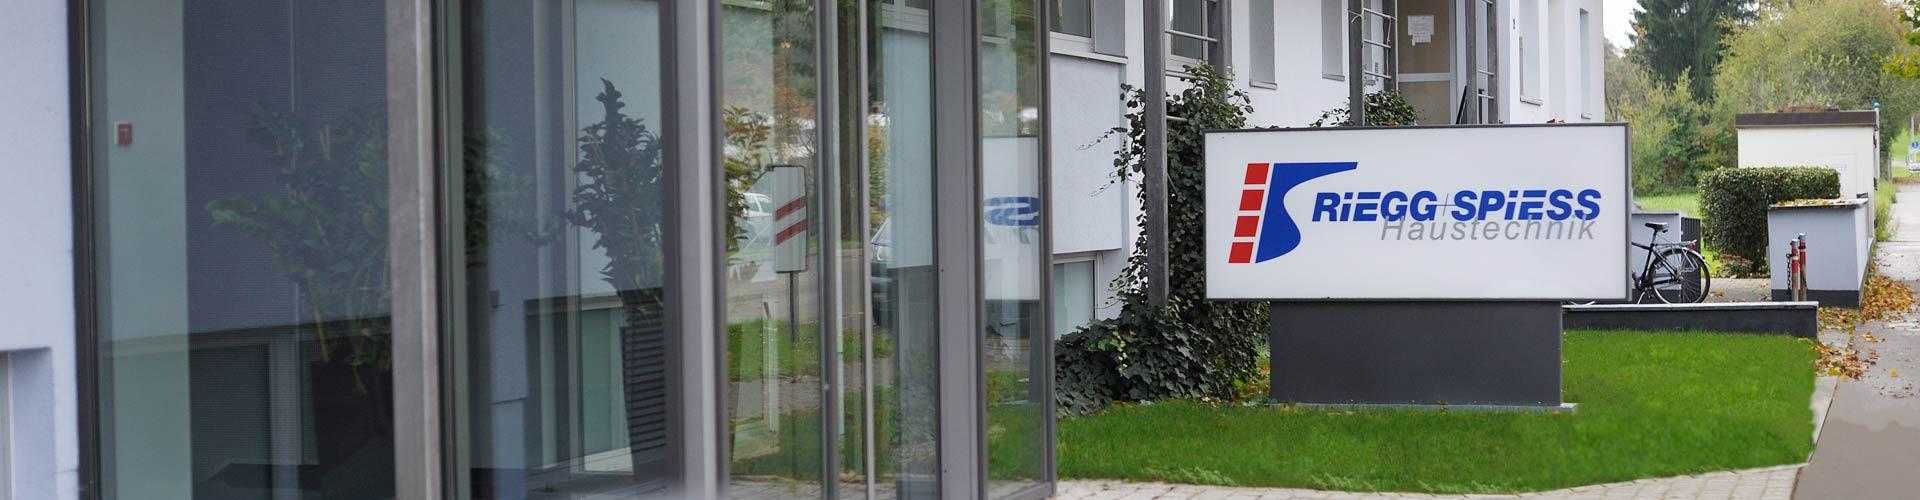 Fotos de Riegg + Spiess Haustechnik GmbH & Co. KG